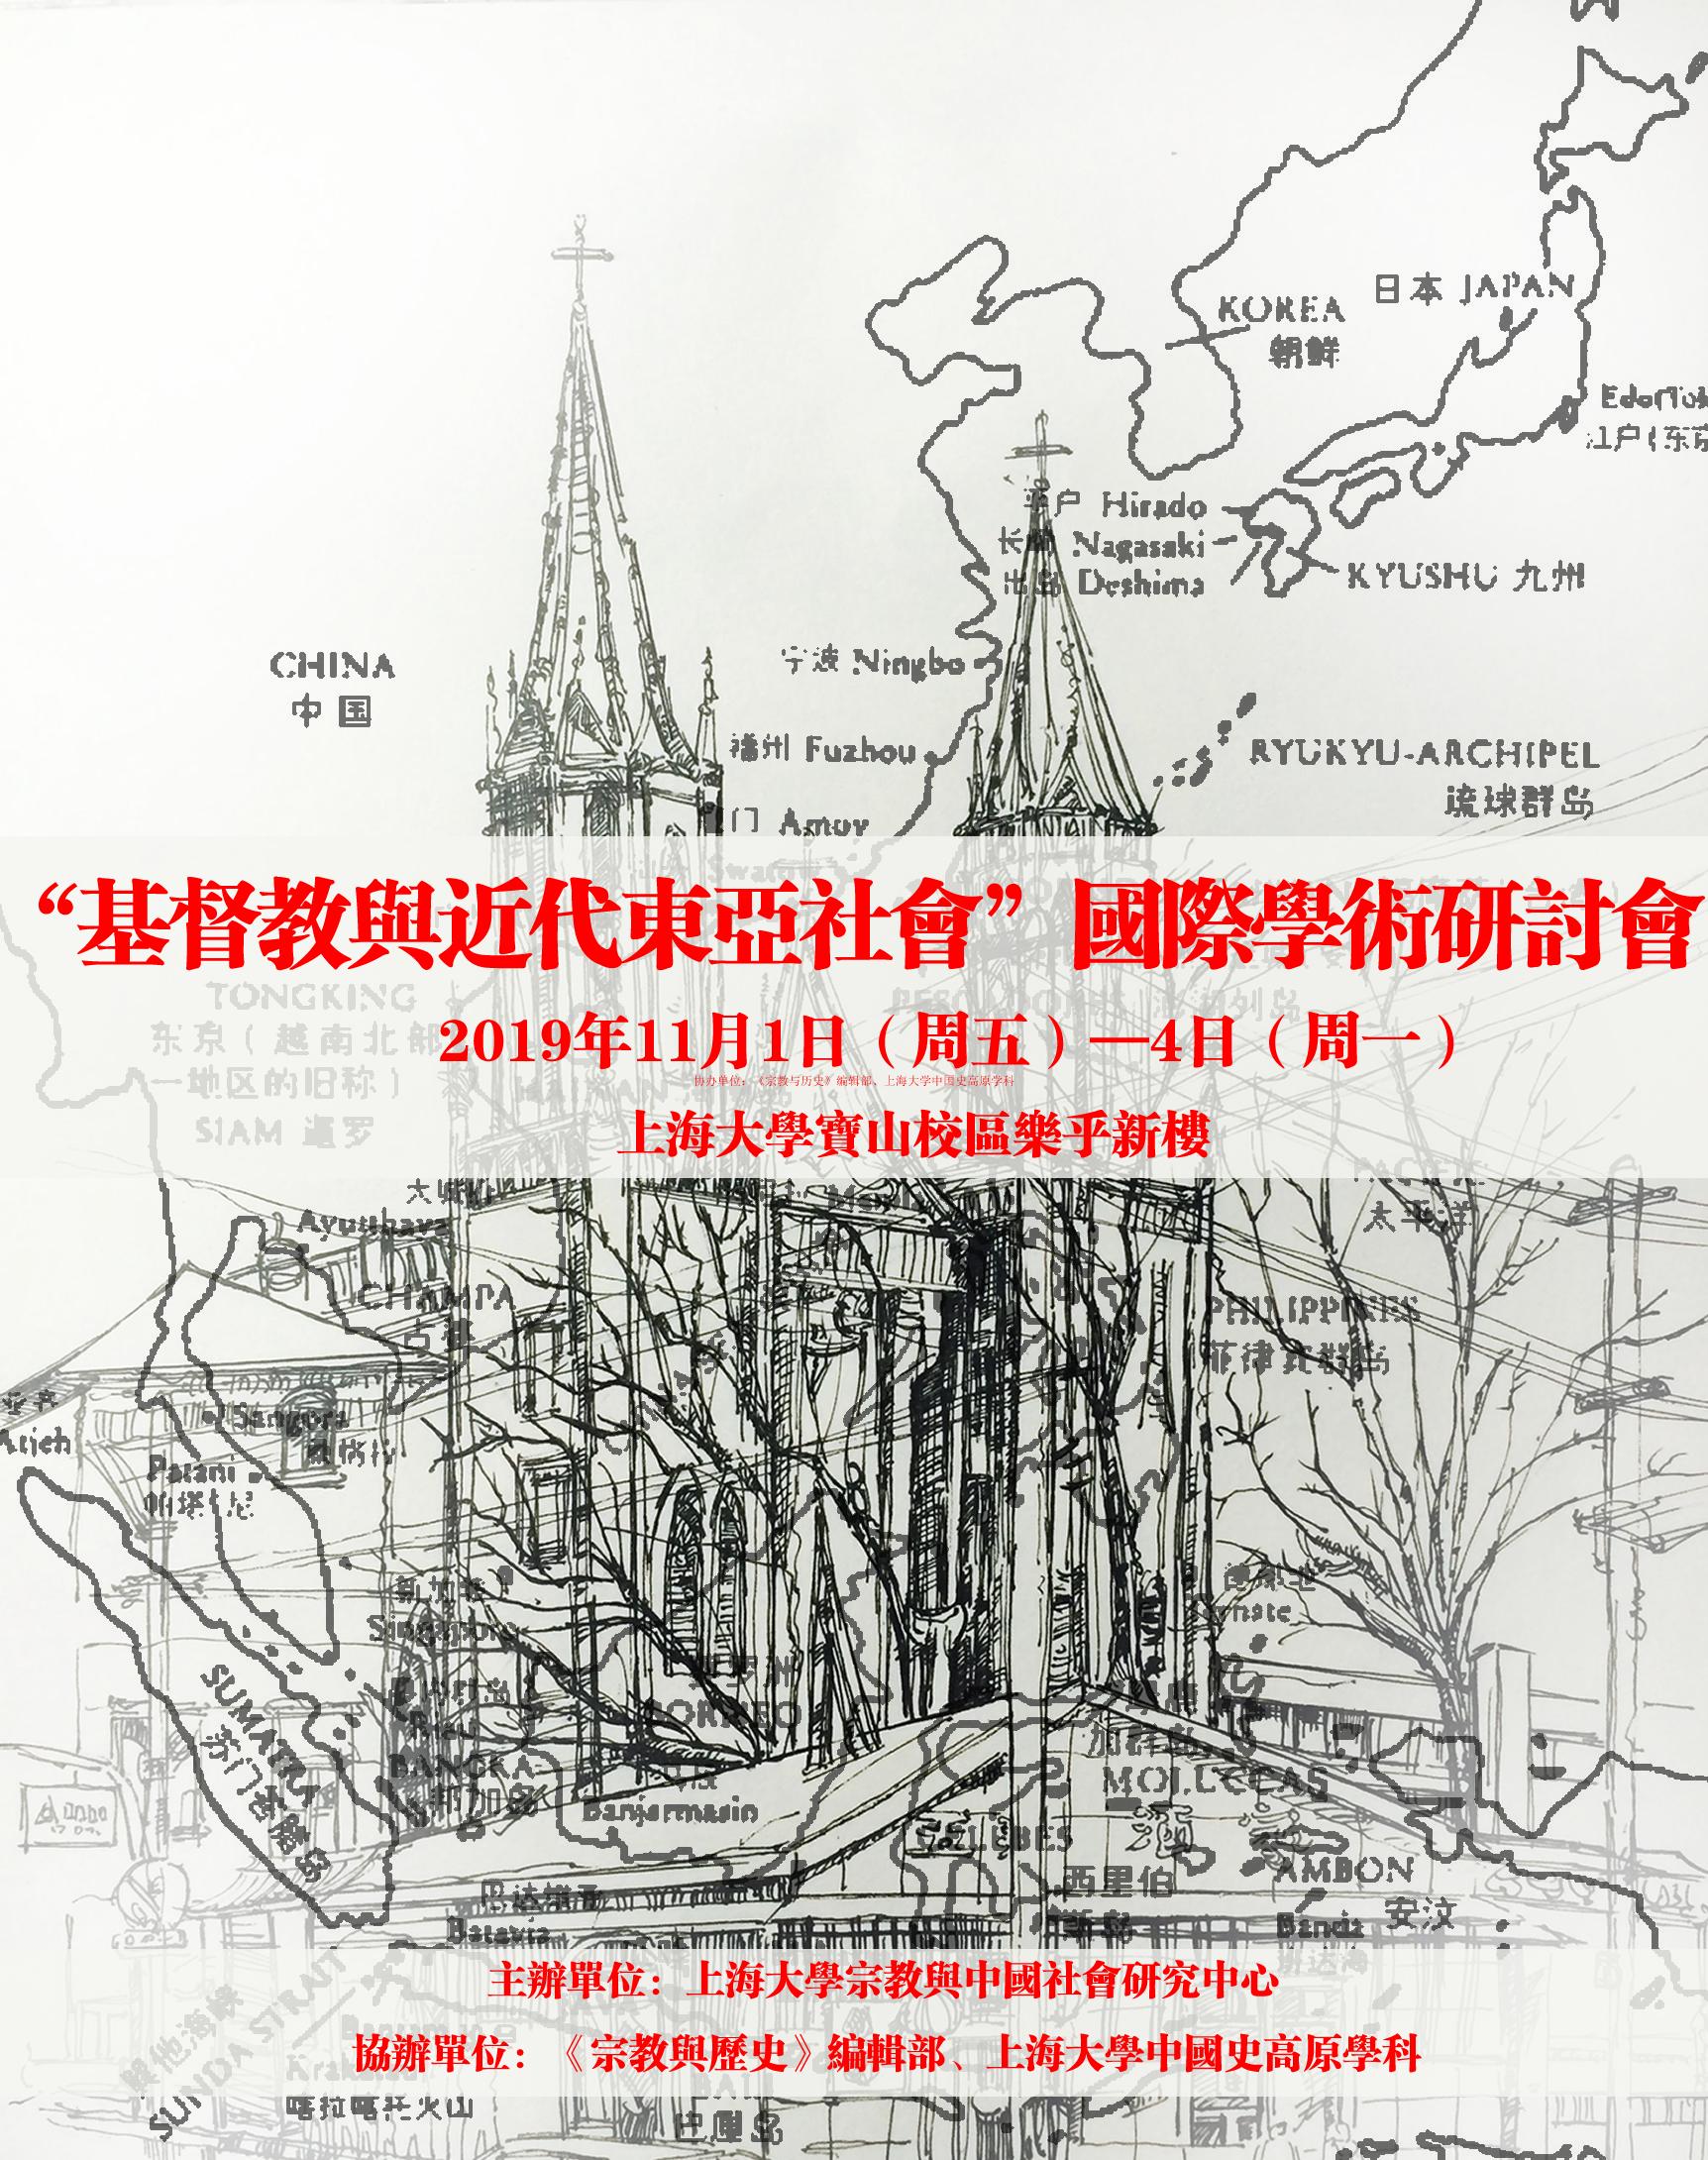 """""""基督教与近代东亚社会""""国际学术研讨会征稿通知"""